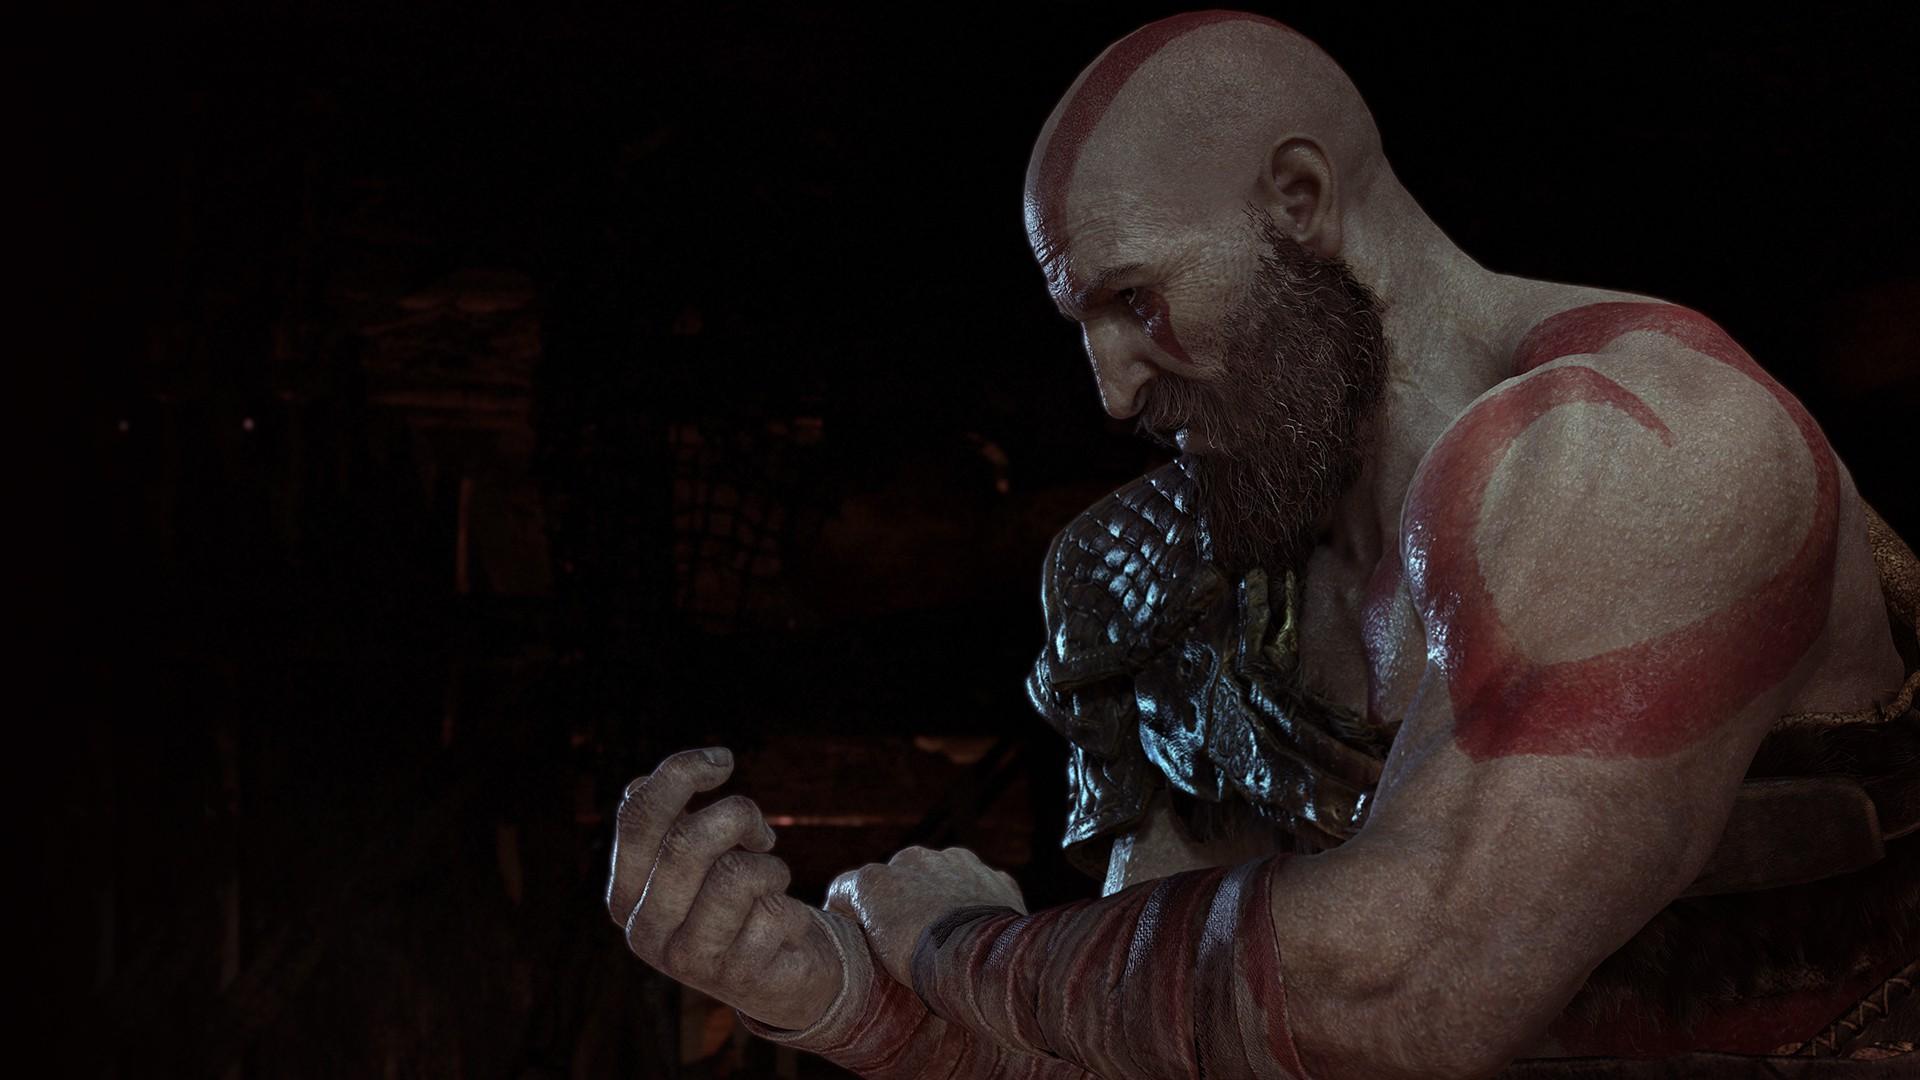 test-god-of-war-kratos-atreus-sony